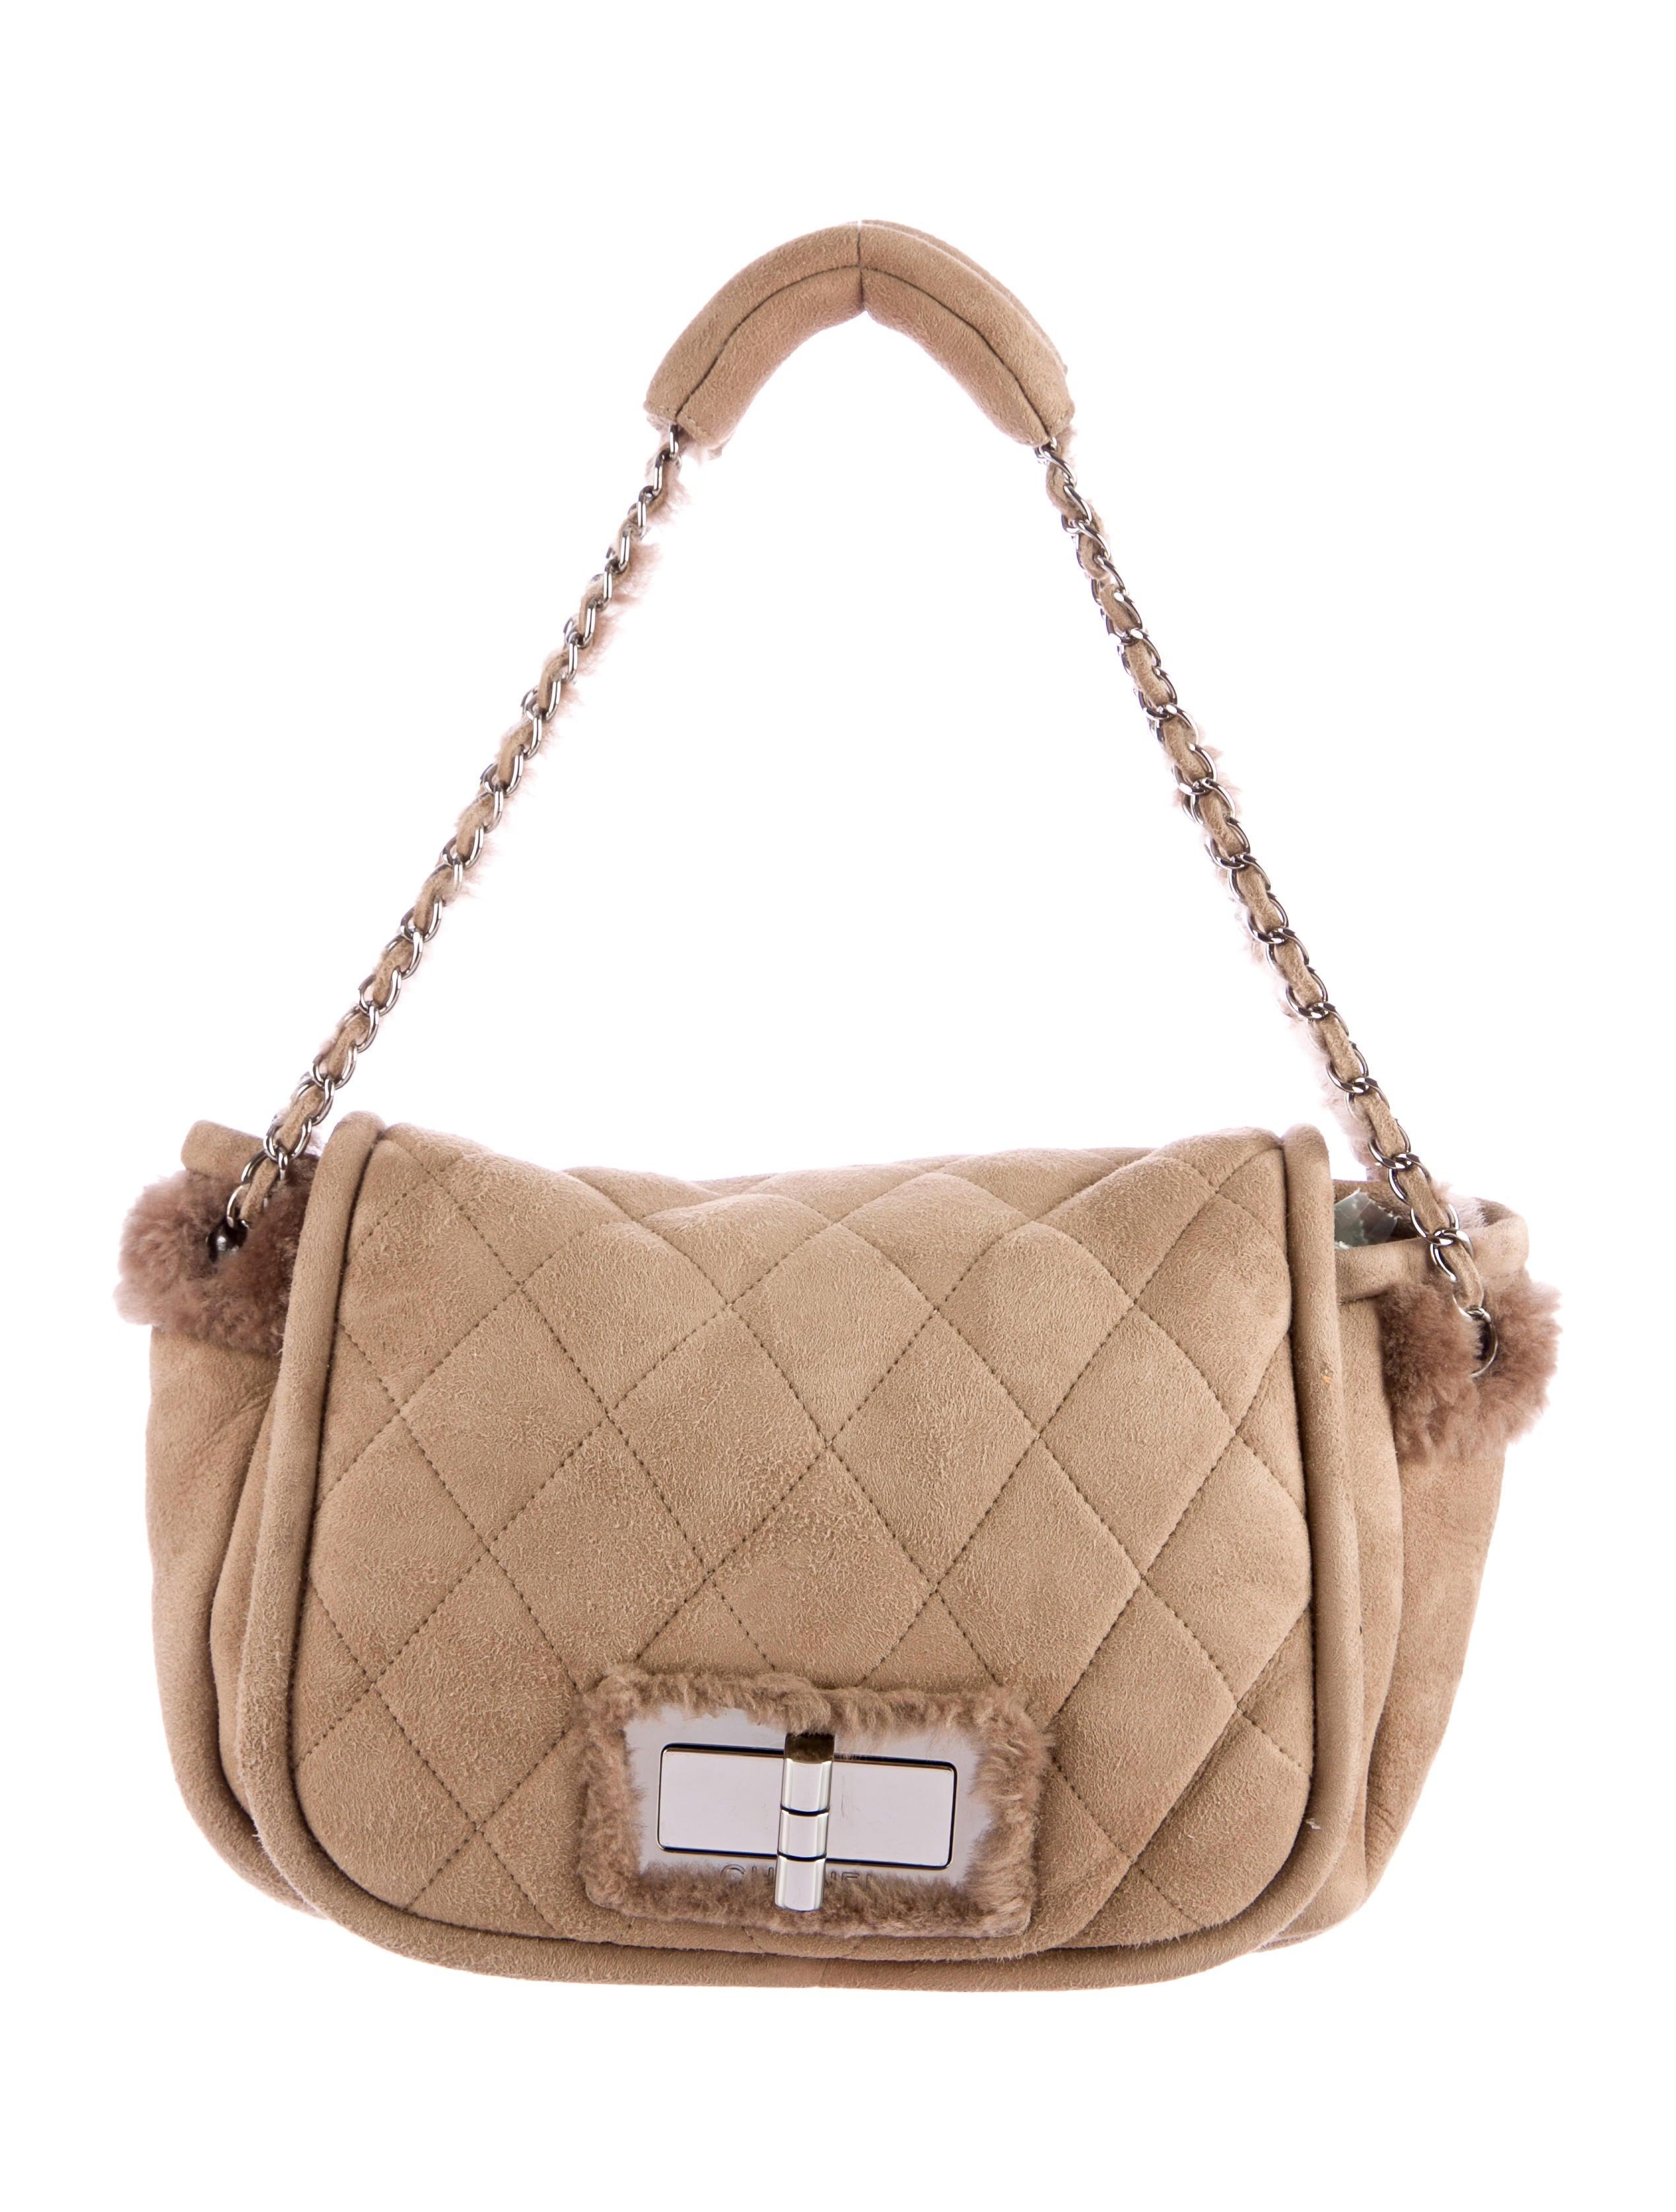 c355bea2cdfc98 Chanel Shearling Flap Bag - Handbags - CHA84241 | The RealReal